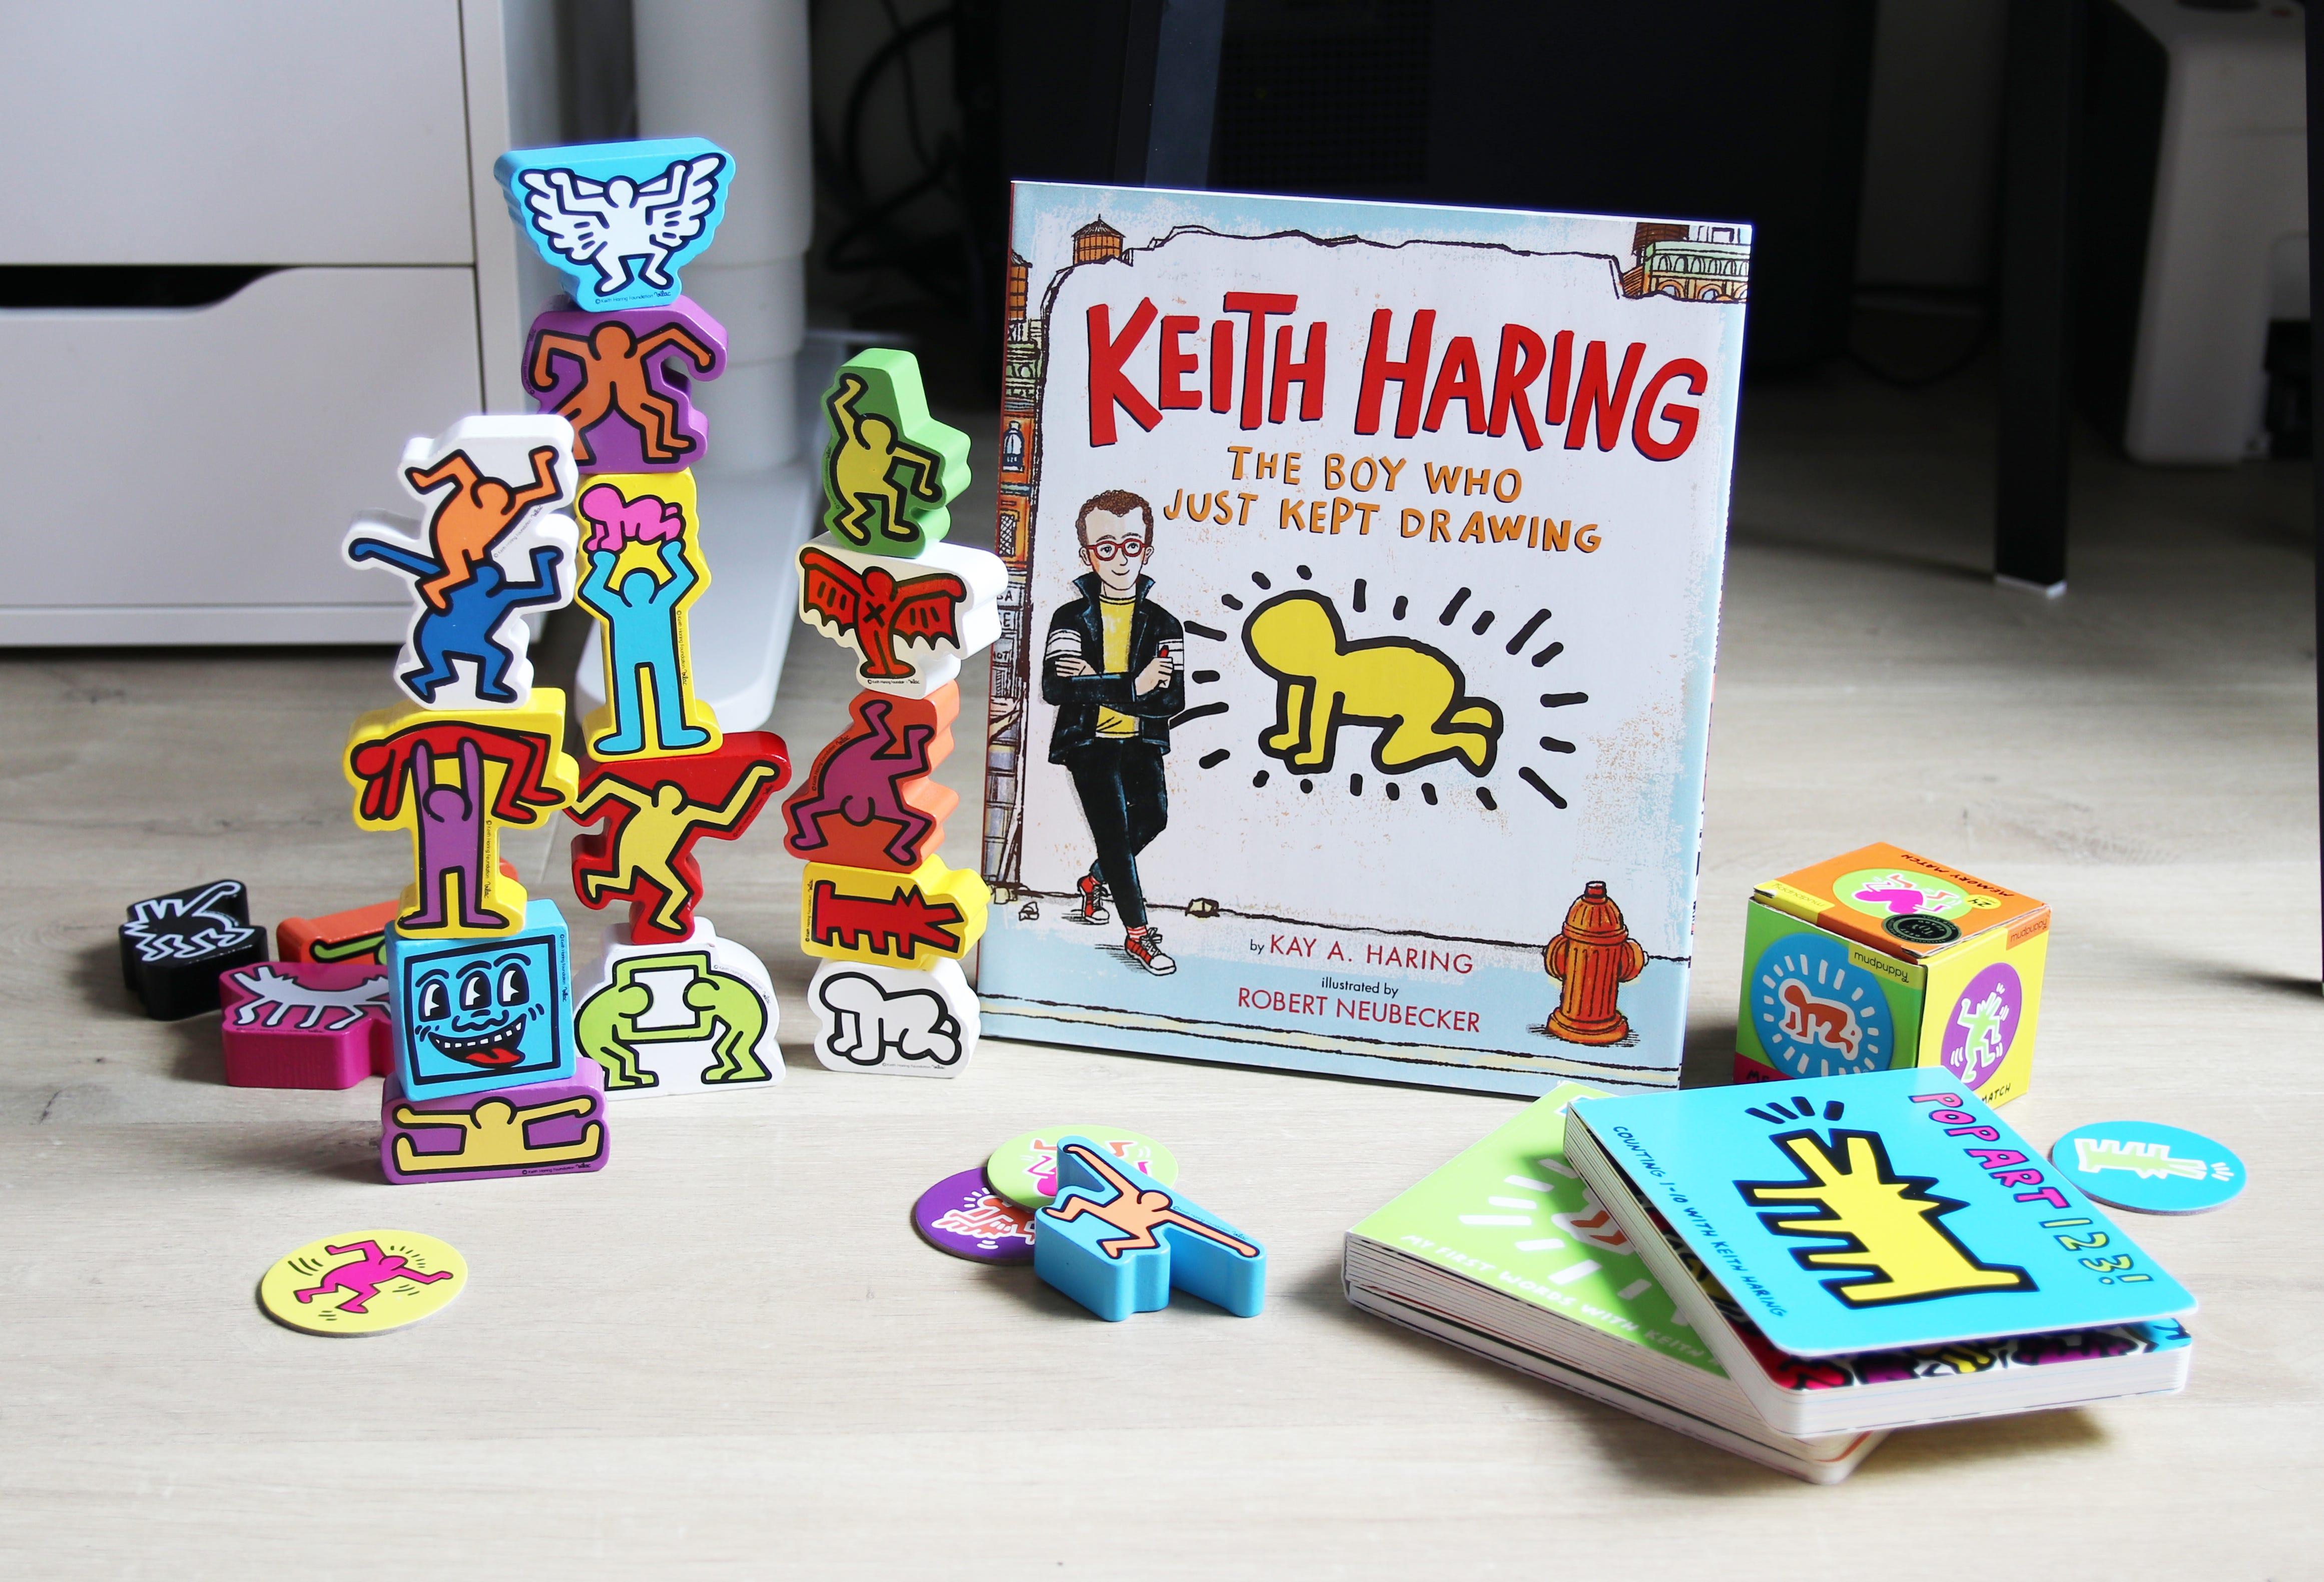 凱斯·哈林(Keith Haring)繪本與小玩物 - Banana's Retreat - Medium